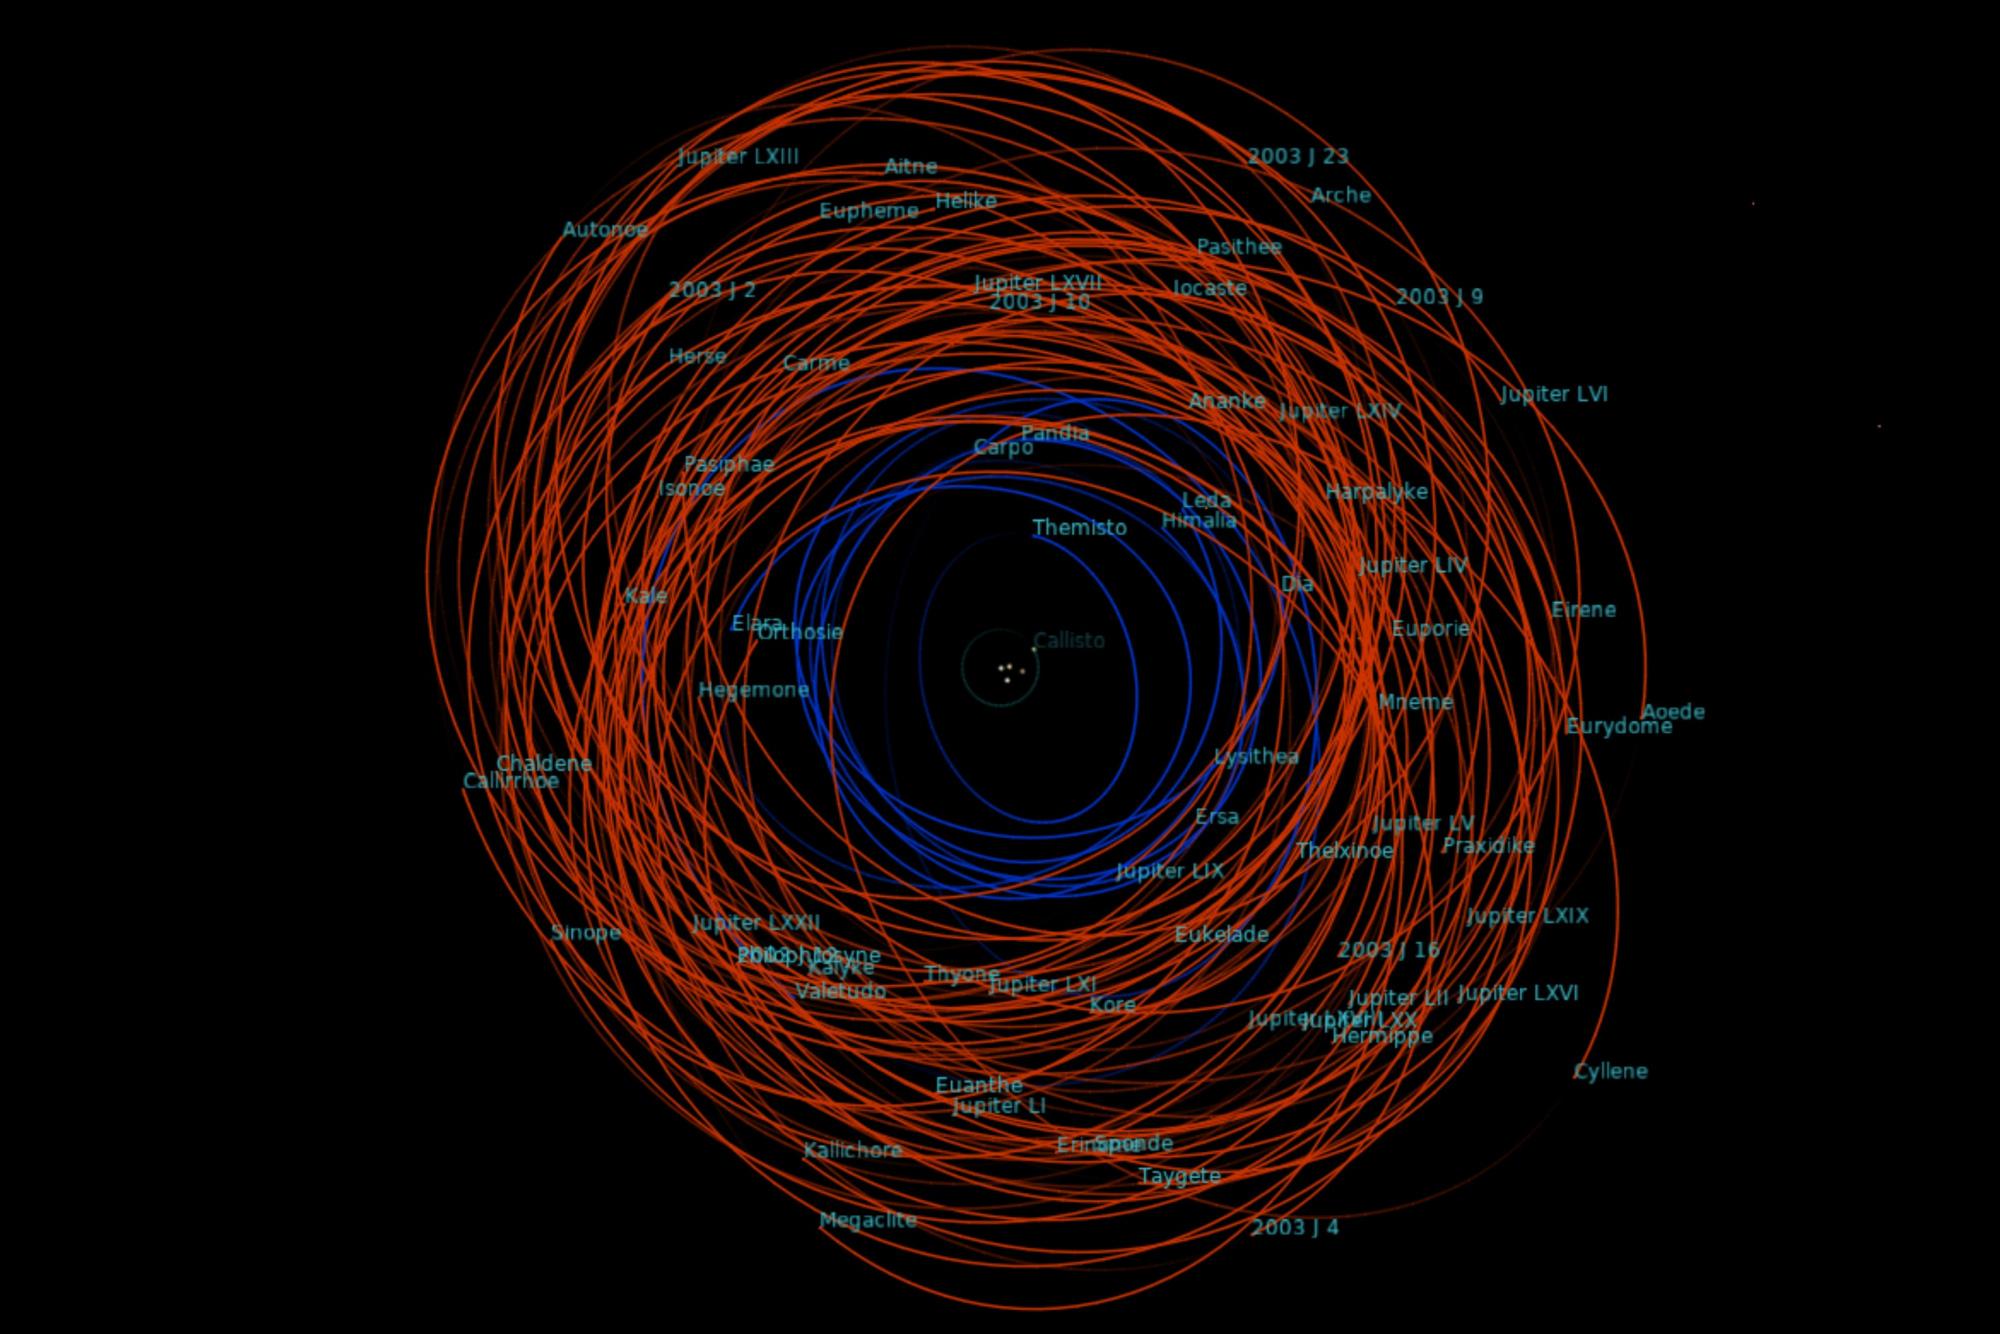 Jupiter_irregular_moon_orbits_Jan_2021.jpg